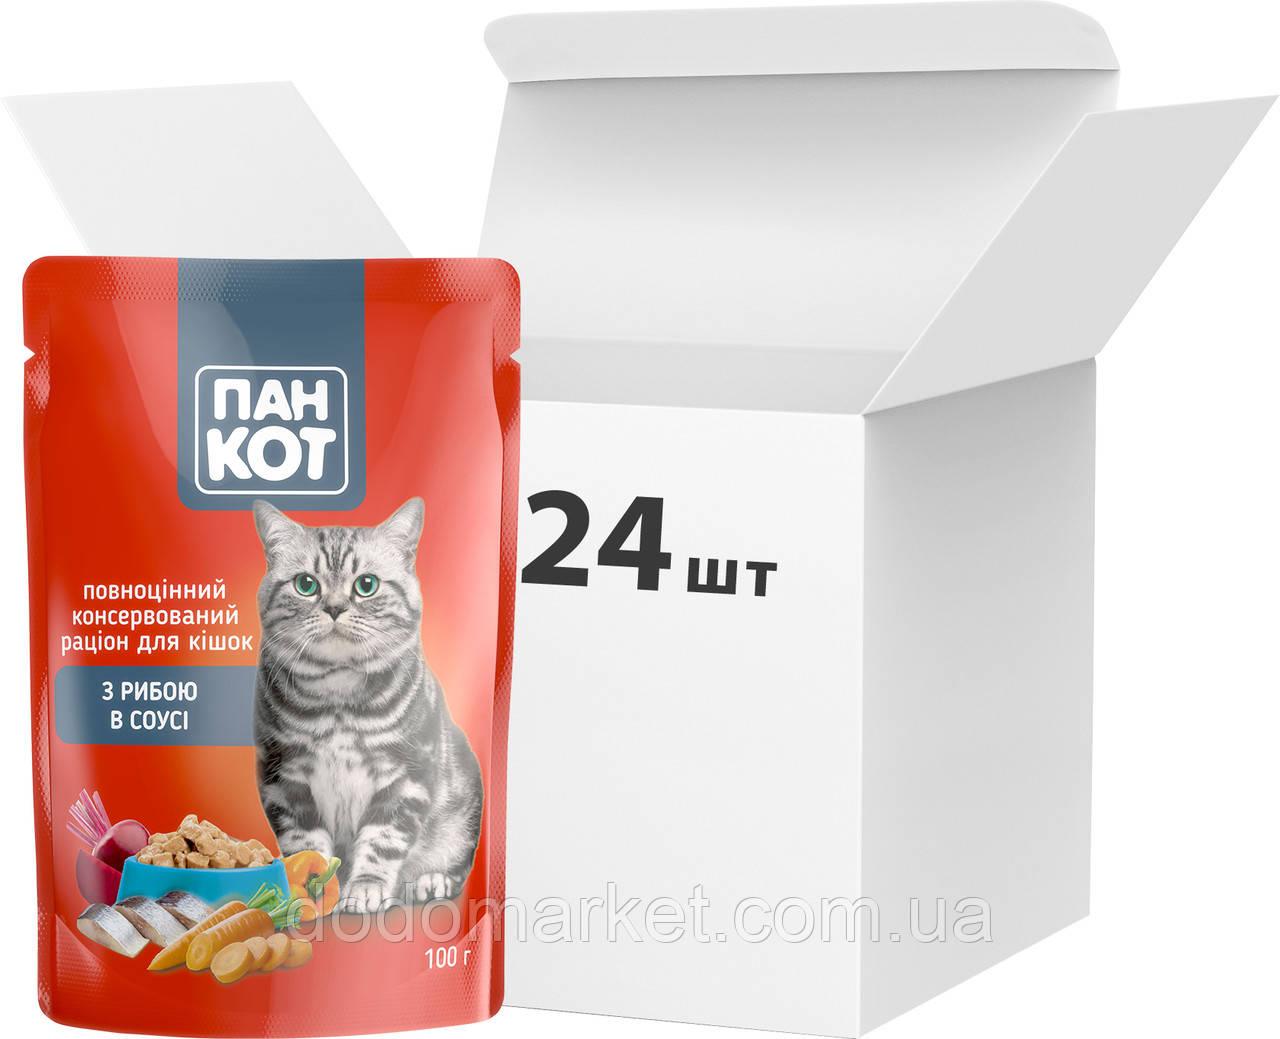 Влажный корм для кошек Пан Кот с рыбой в соусе 100 гр 24 шт